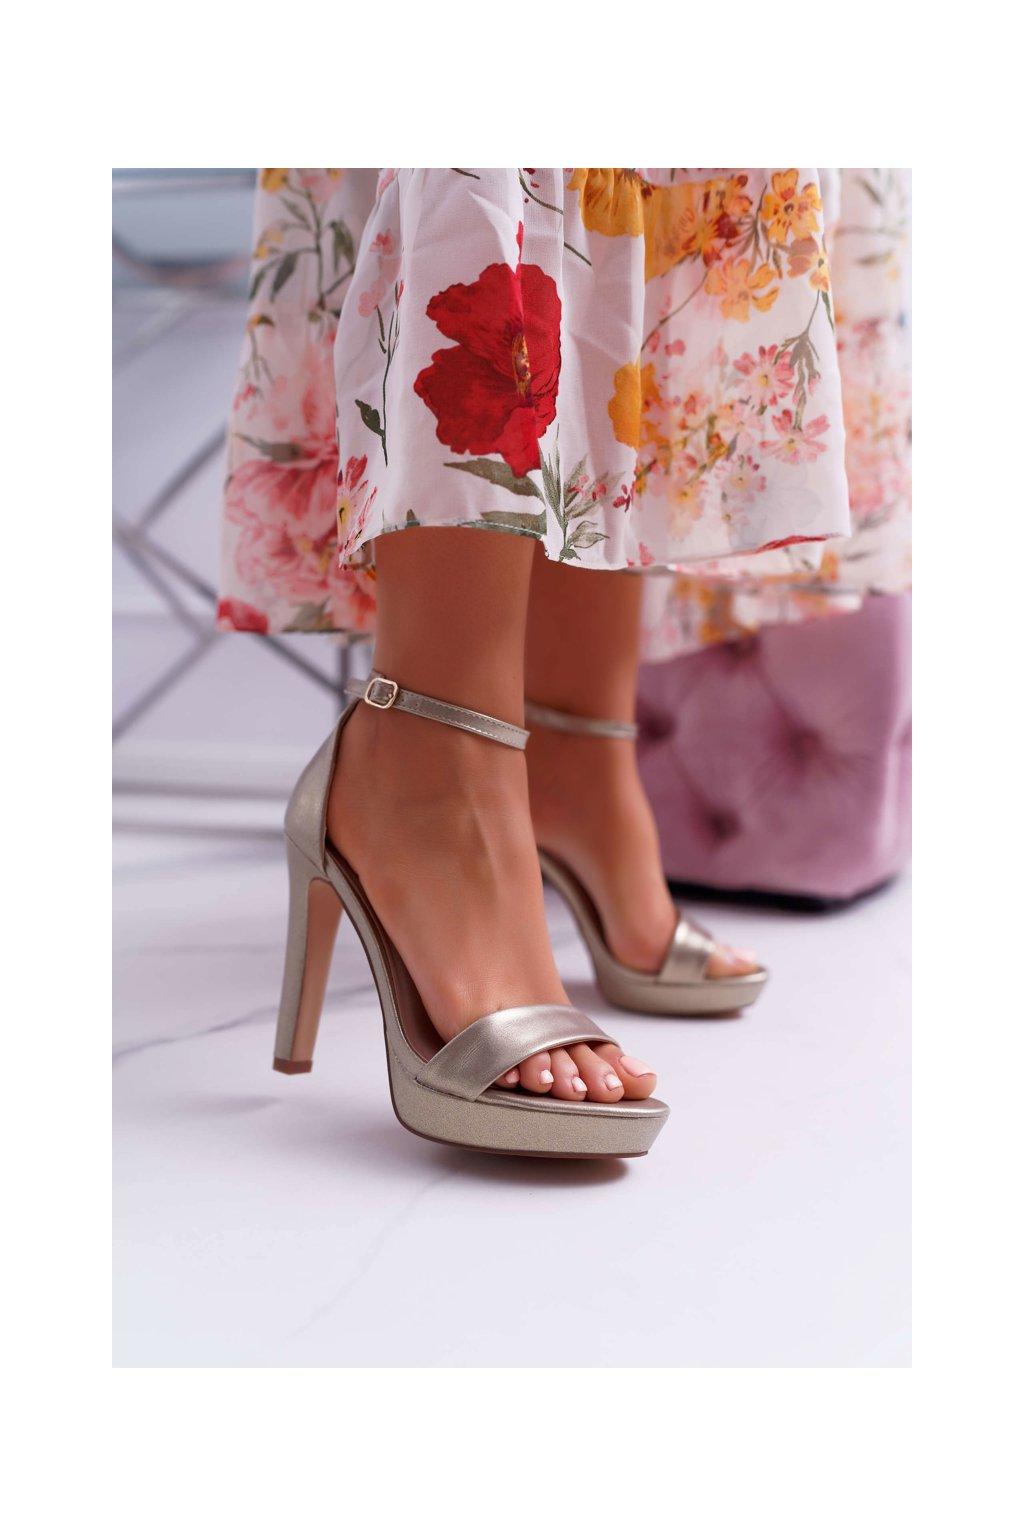 Dámske Sandále na podpätku Zlaté Ellania